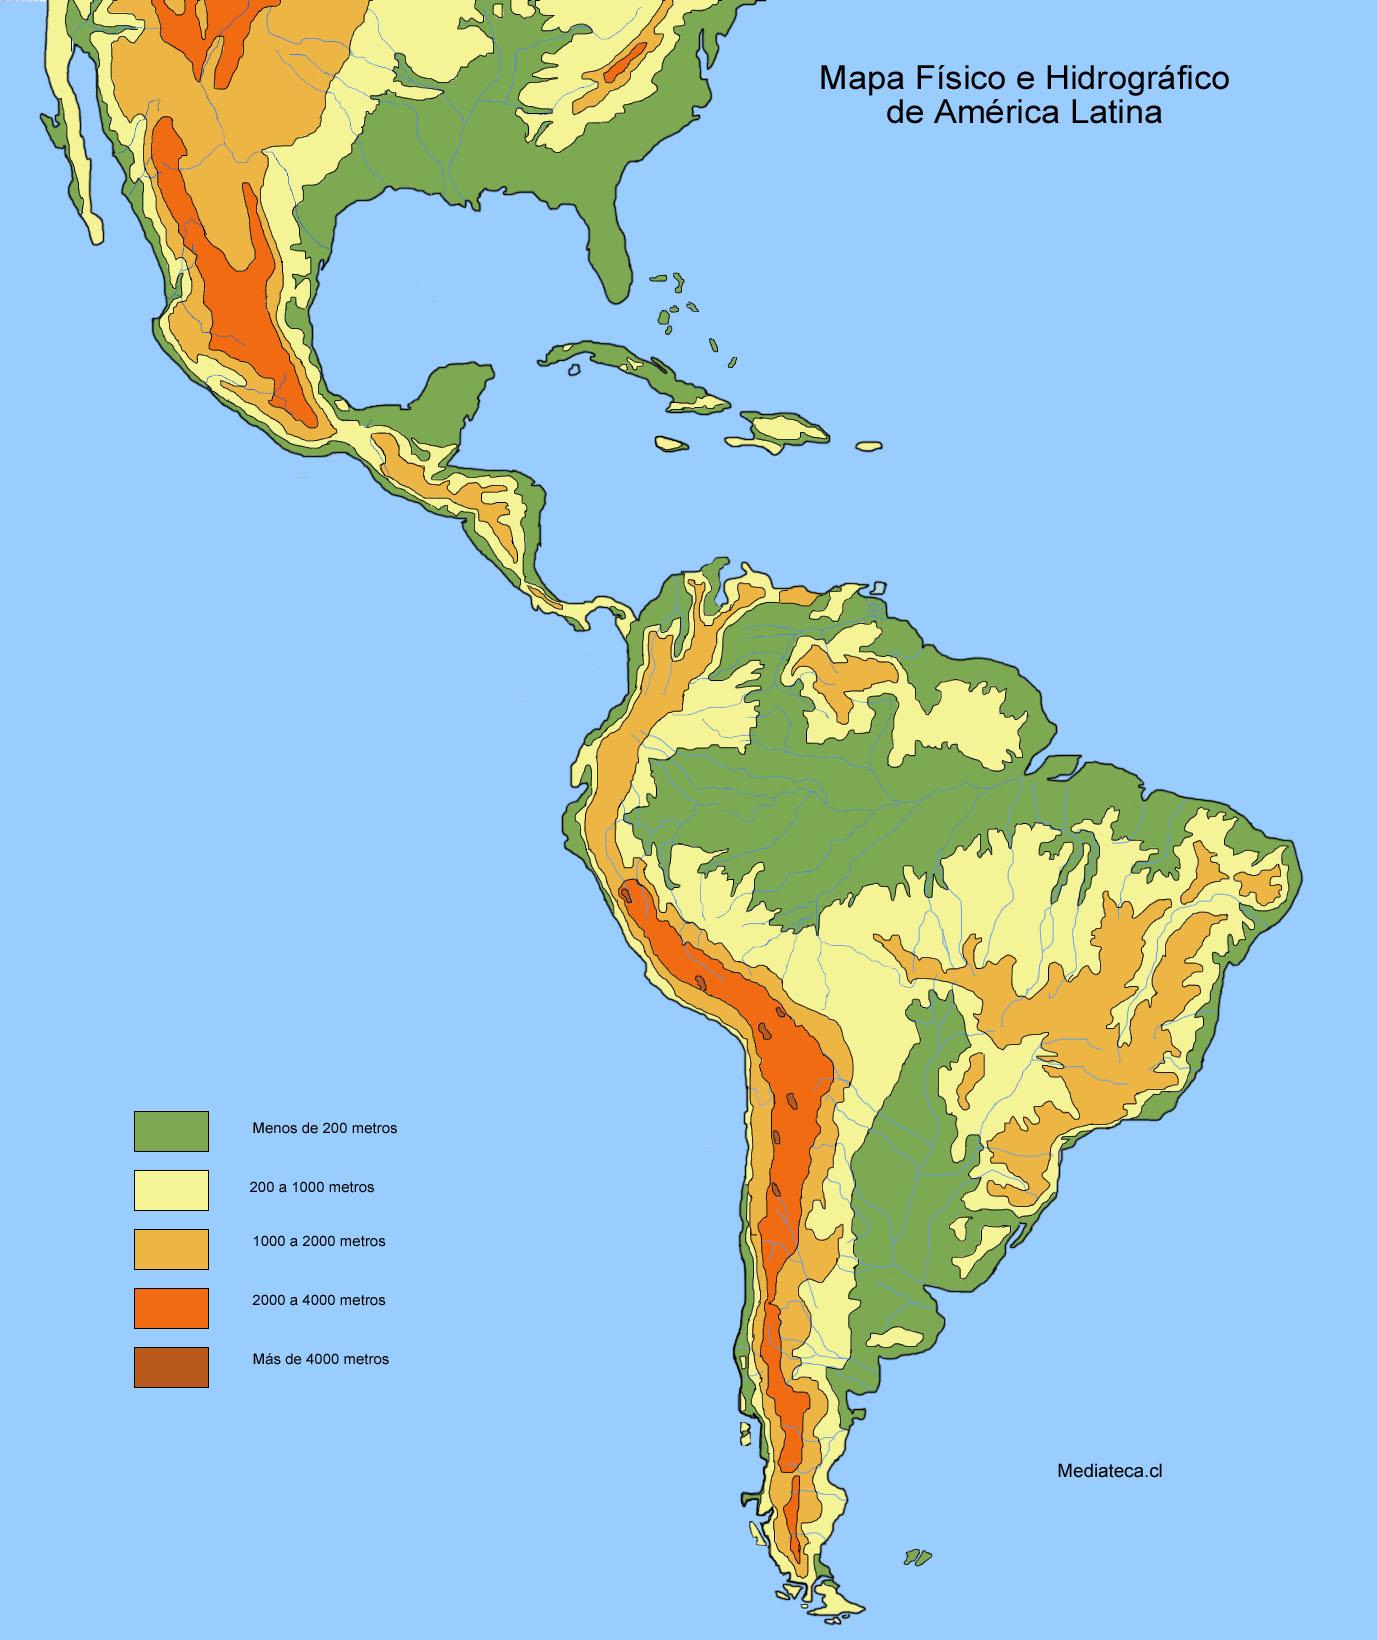 Mapa físico y hidrográfico de América Latina